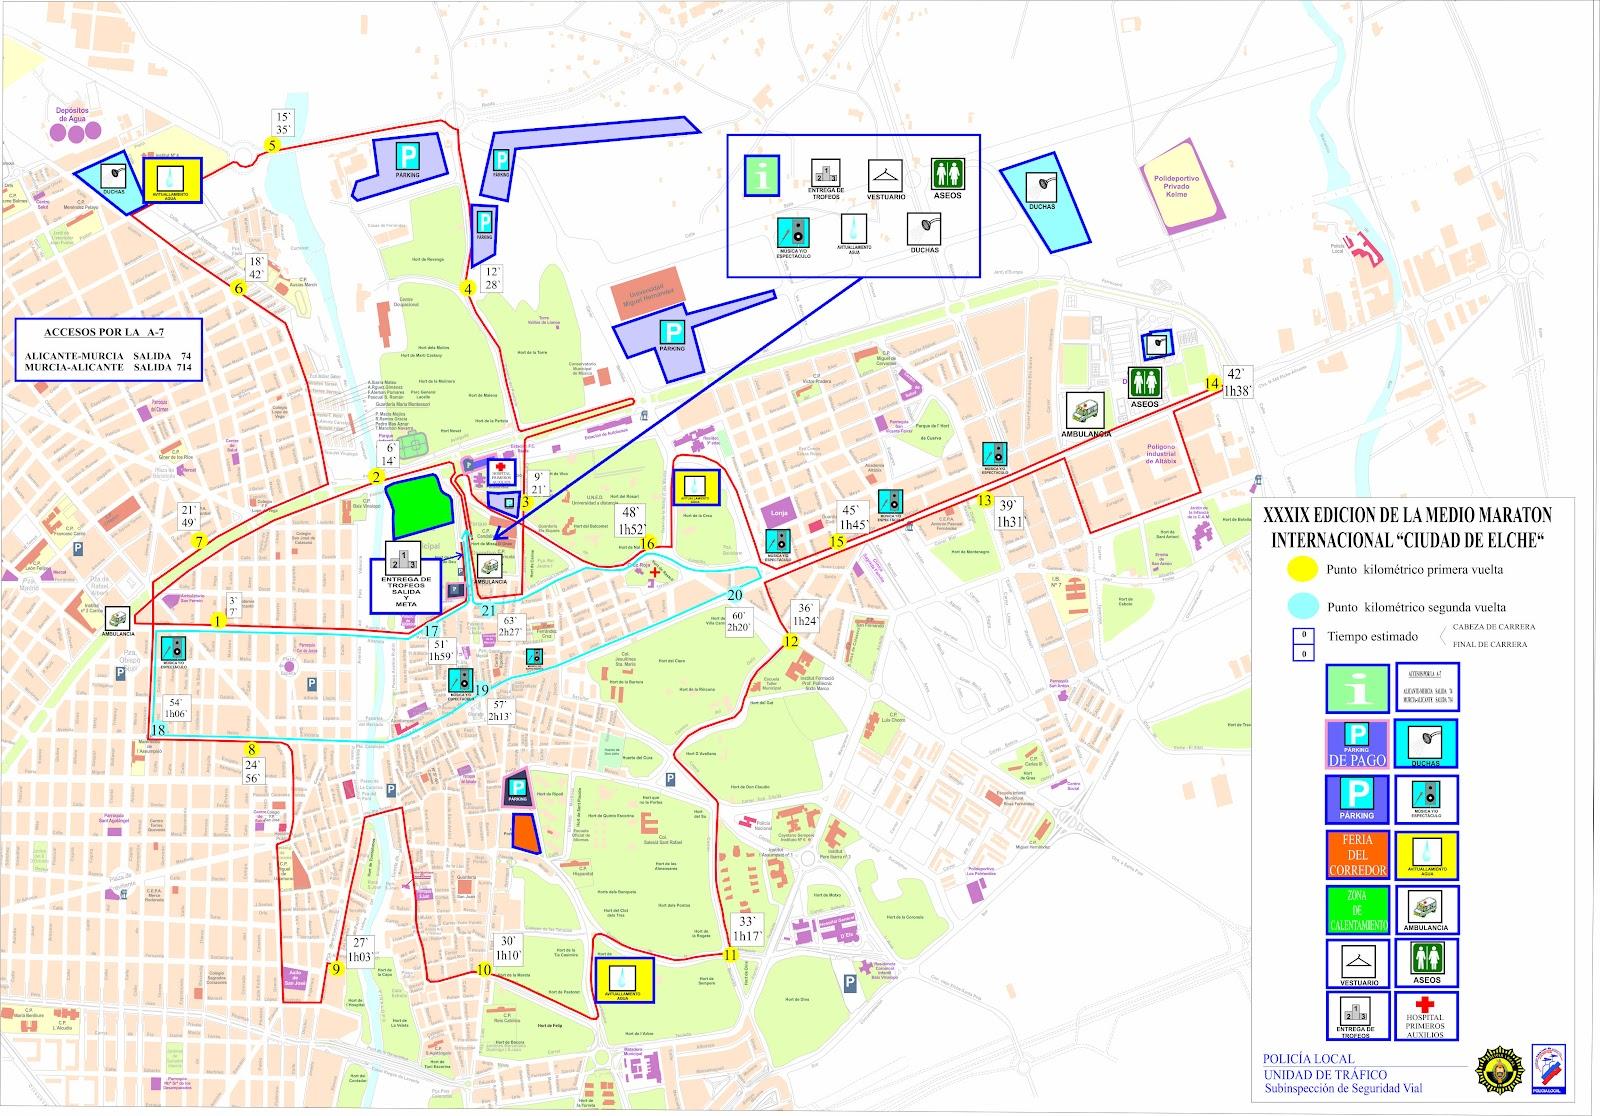 Movimientovalencia ocio blog xl media marat n for Oficinas bbva elche